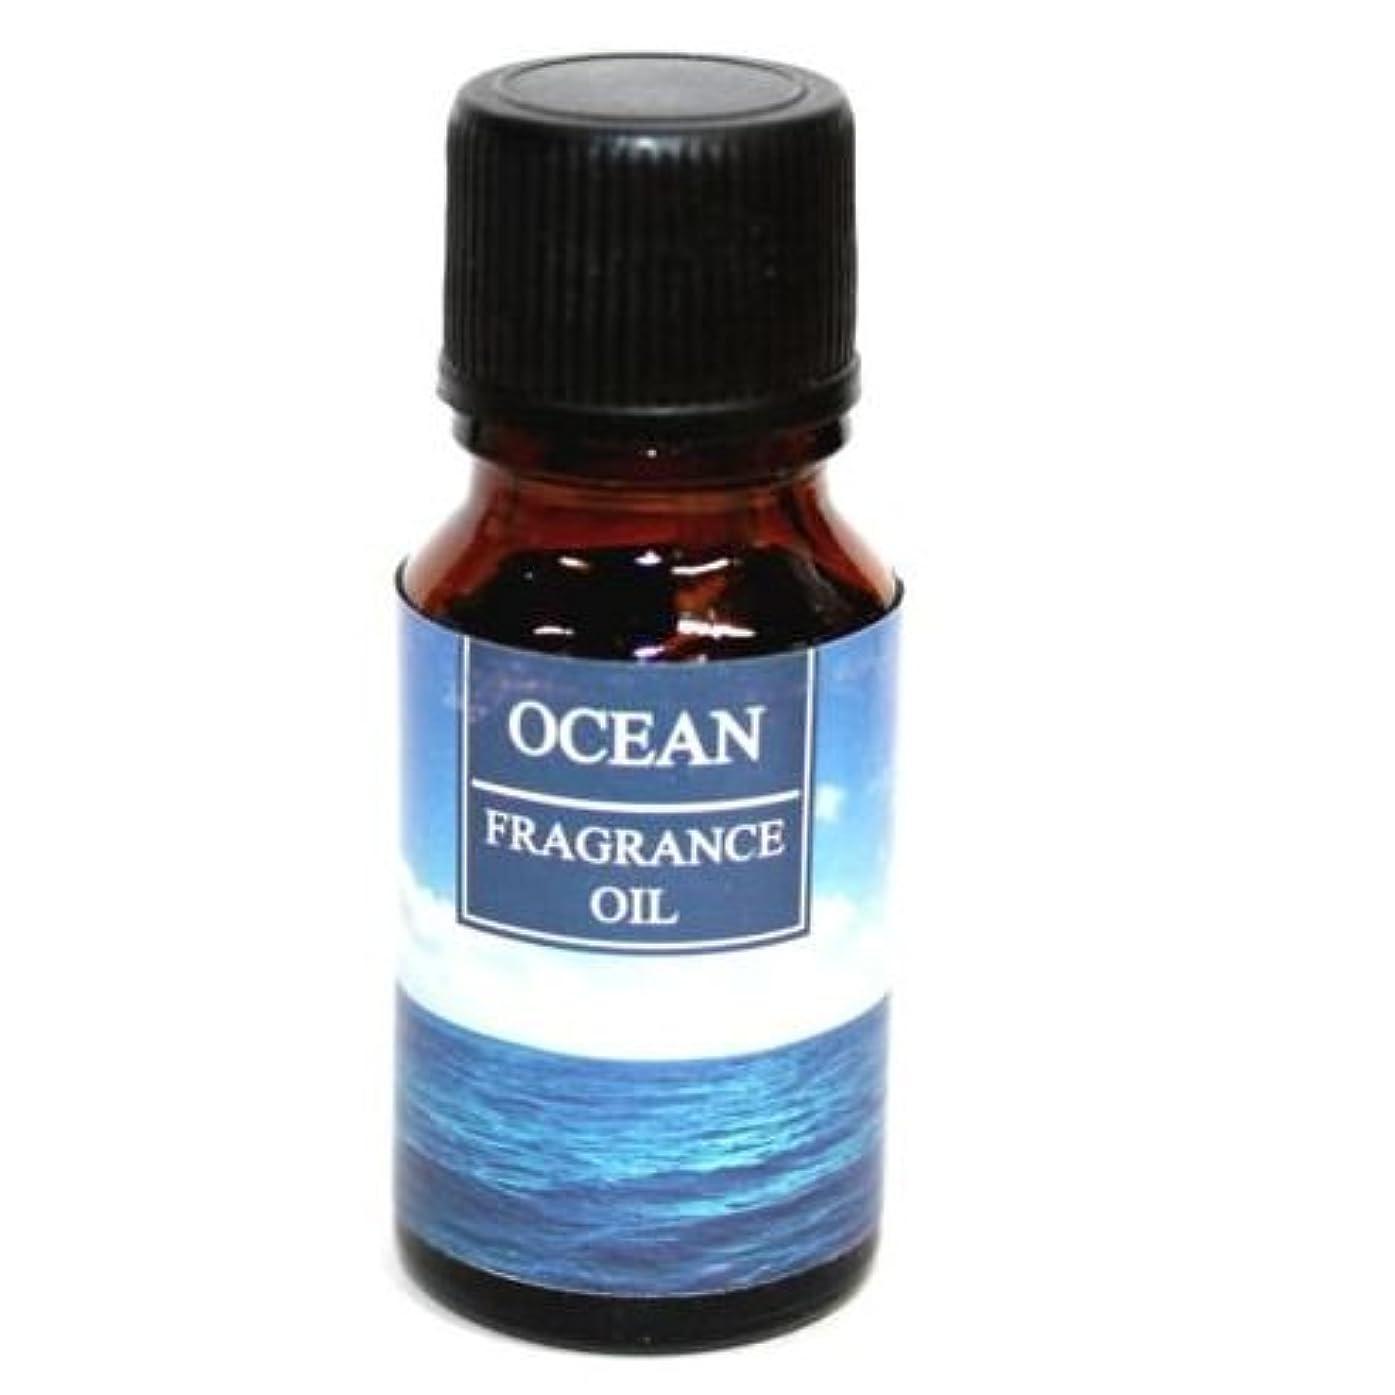 解放ゴールデンピースRELAXING アロマオイル AROMA OIL フレグランスオイル OCEAN 海の香り RQ-10